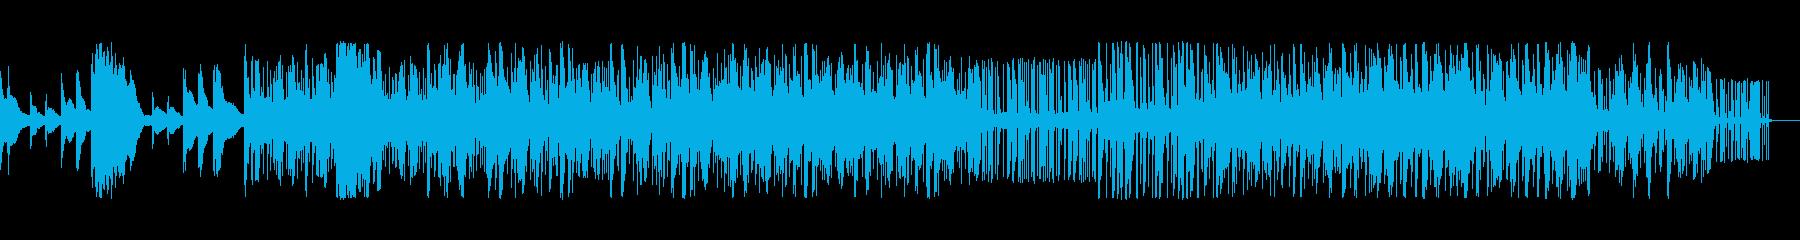 RPGゲームいっぽいエレクトロの再生済みの波形